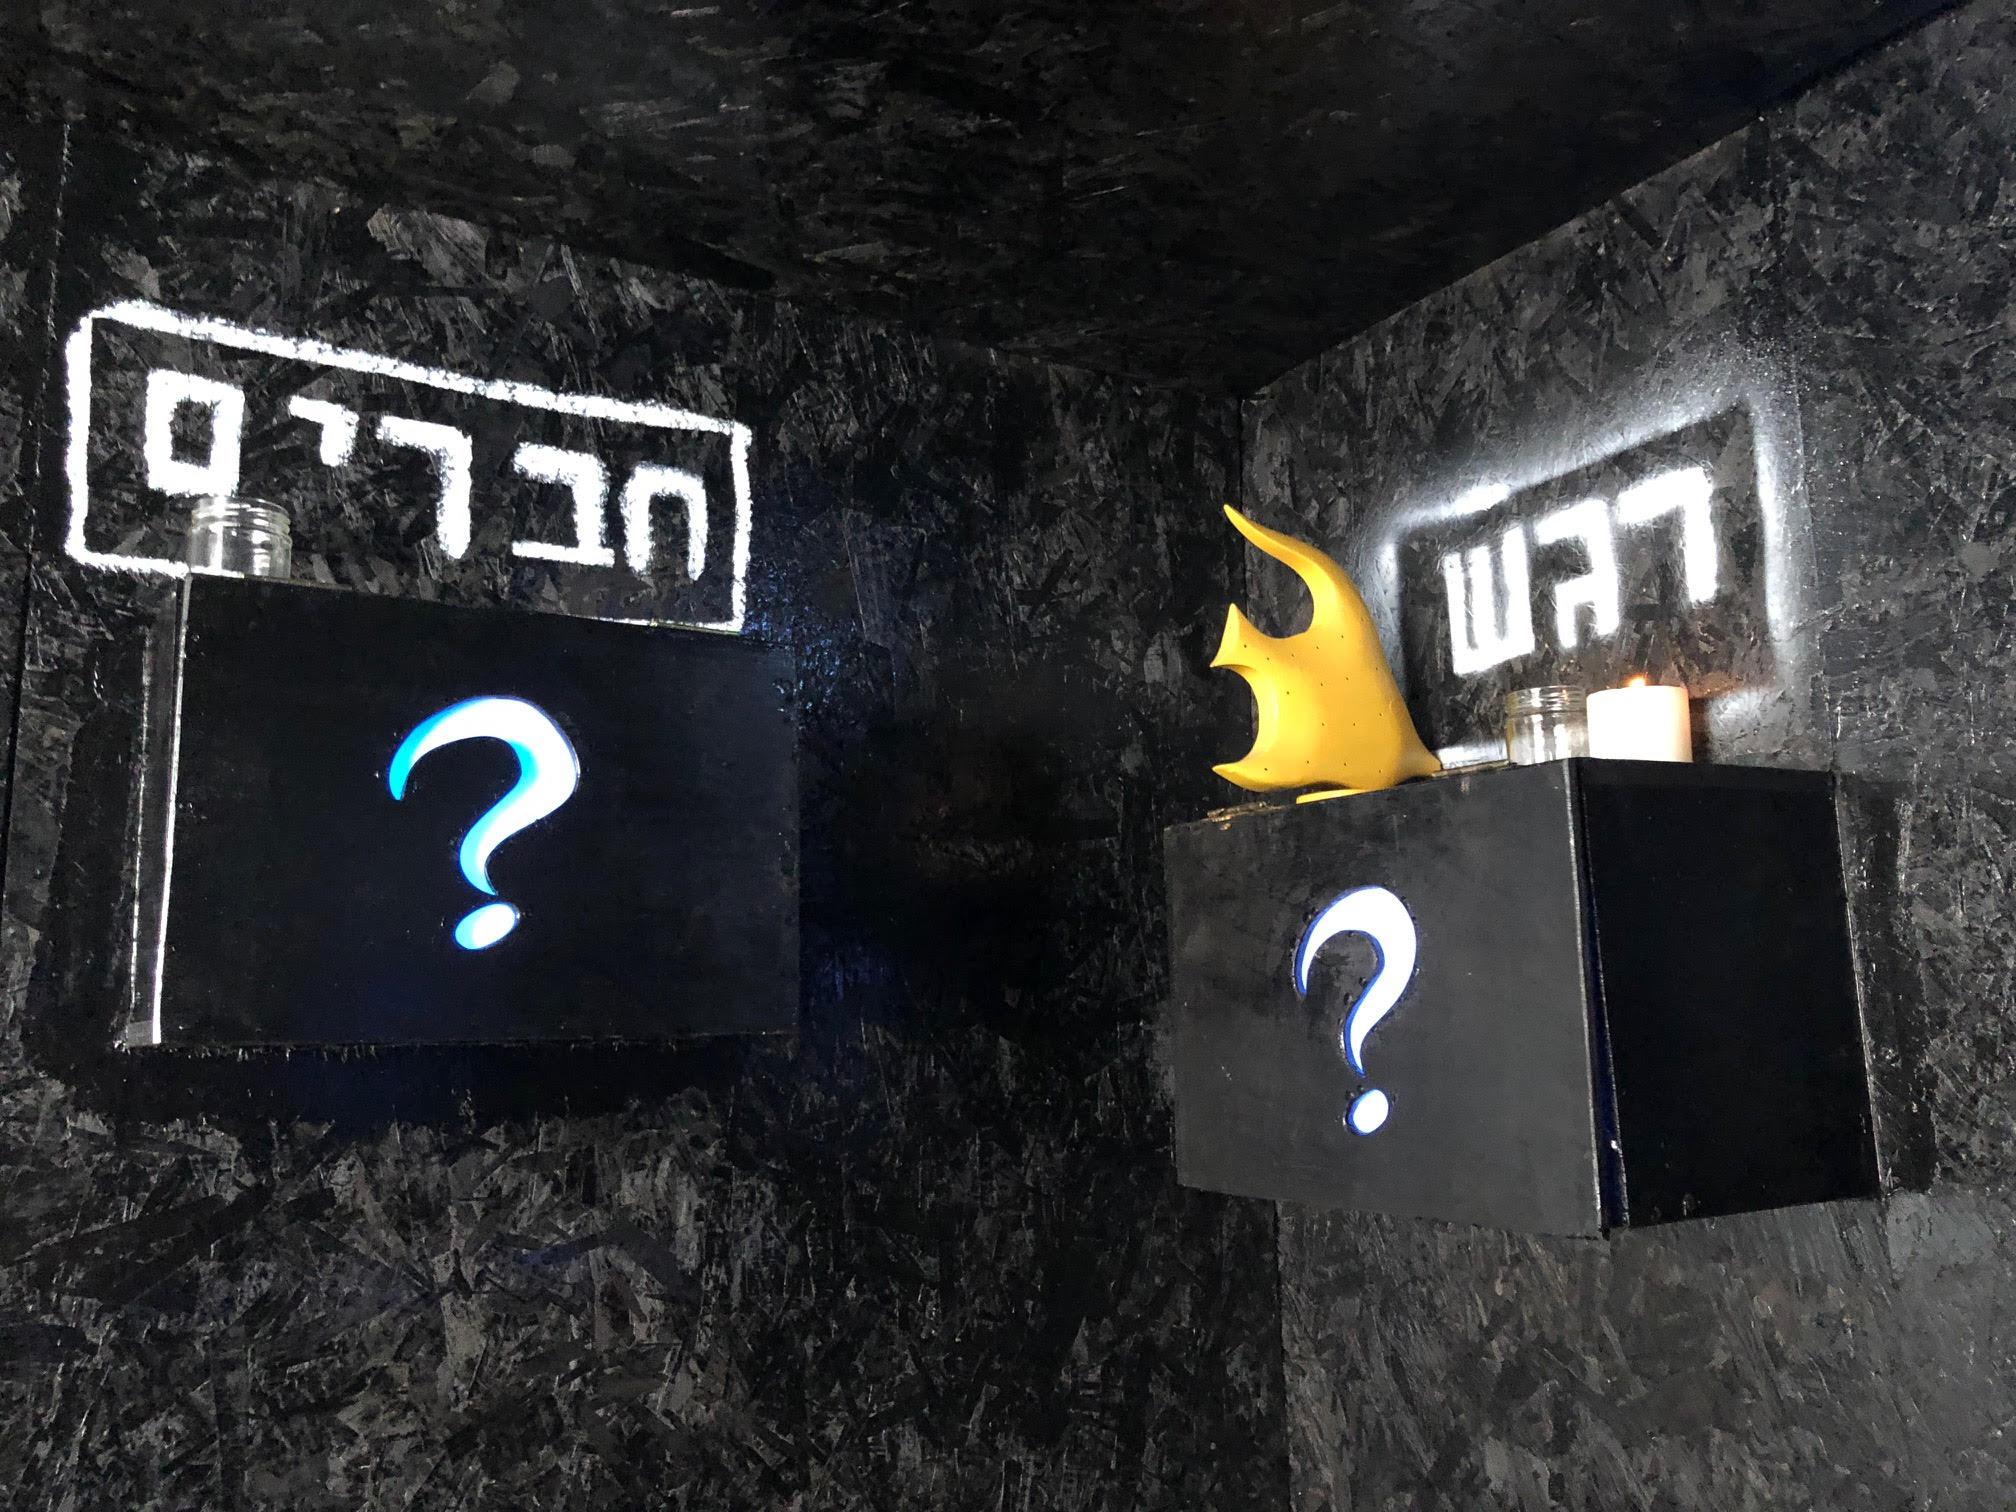 Mystery Box (צילום: תיקי גולן)